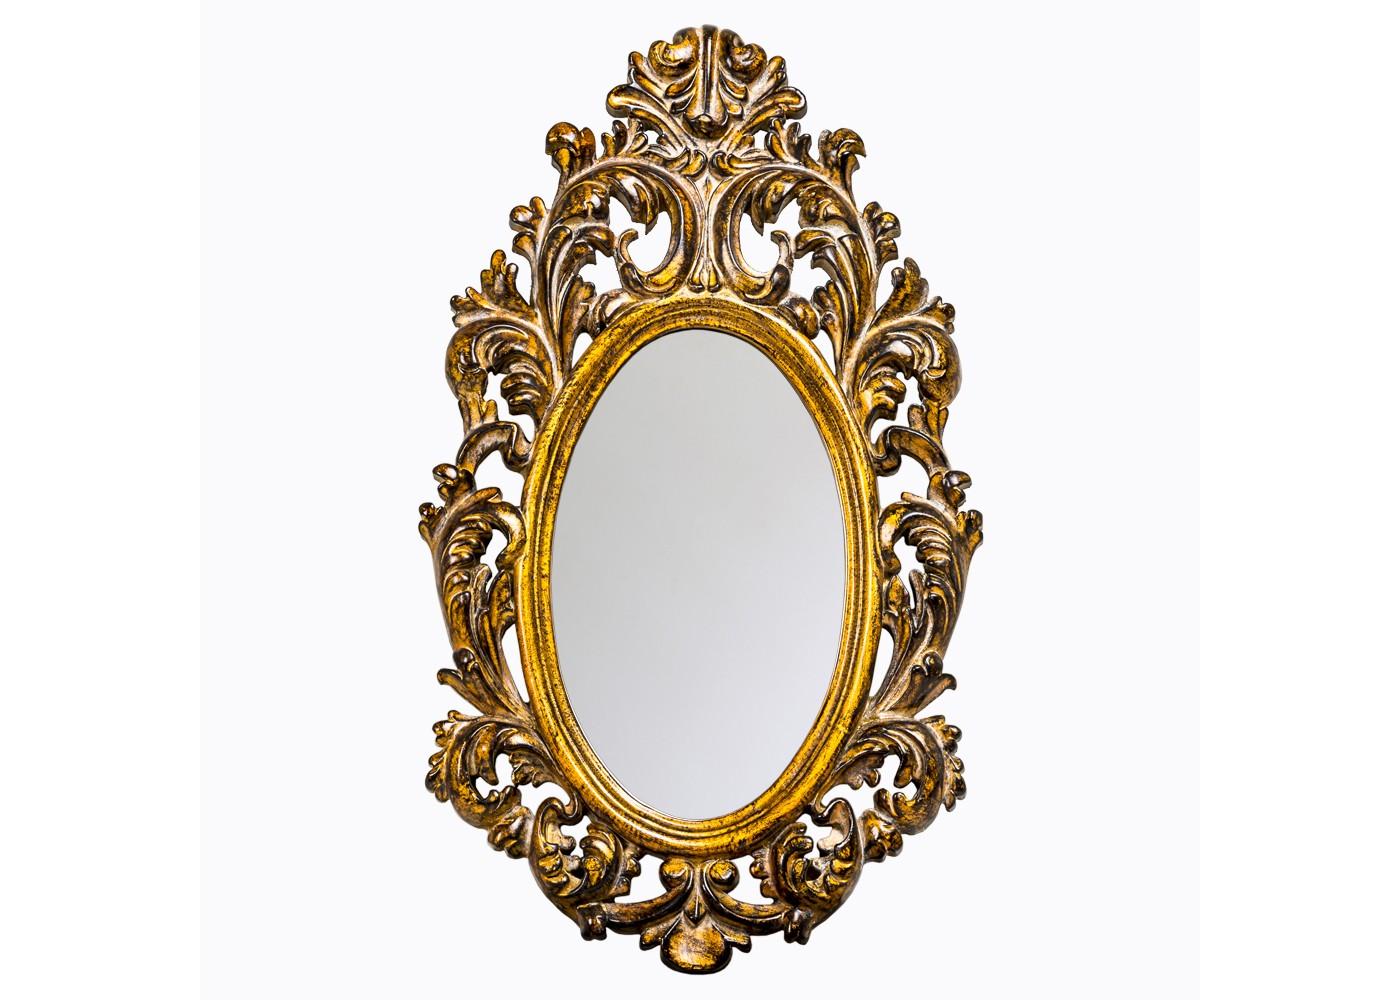 Настенное зеркало «Камилла»Настенные зеркала<br>Овальная форма зеркала &amp;quot;Камилла&amp;quot; ? его главная изюминка, которая делает декор дружественным для пространств любой архитектуры. В его собственной симметрии, не диктующей центрального расположения, оживает гармония французского барокко. Пышный растительный орнамент, в блеске золота обретающий больше эффектности, превращает это зеркало в настоящее произведение дизайнерского искусства. Вот почему любая примерка перед ним напоминает торжество версальского бала!&amp;lt;div&amp;gt;&amp;lt;br&amp;gt;&amp;lt;/div&amp;gt;&amp;lt;div&amp;gt;Размер изделия: 40?70?4,5 см.&amp;lt;/div&amp;gt;&amp;lt;div&amp;gt;Вес: 1,8 кг.&amp;lt;/div&amp;gt;<br><br>Material: Полиуретан<br>Width см: 40<br>Depth см: 4,5<br>Height см: 70